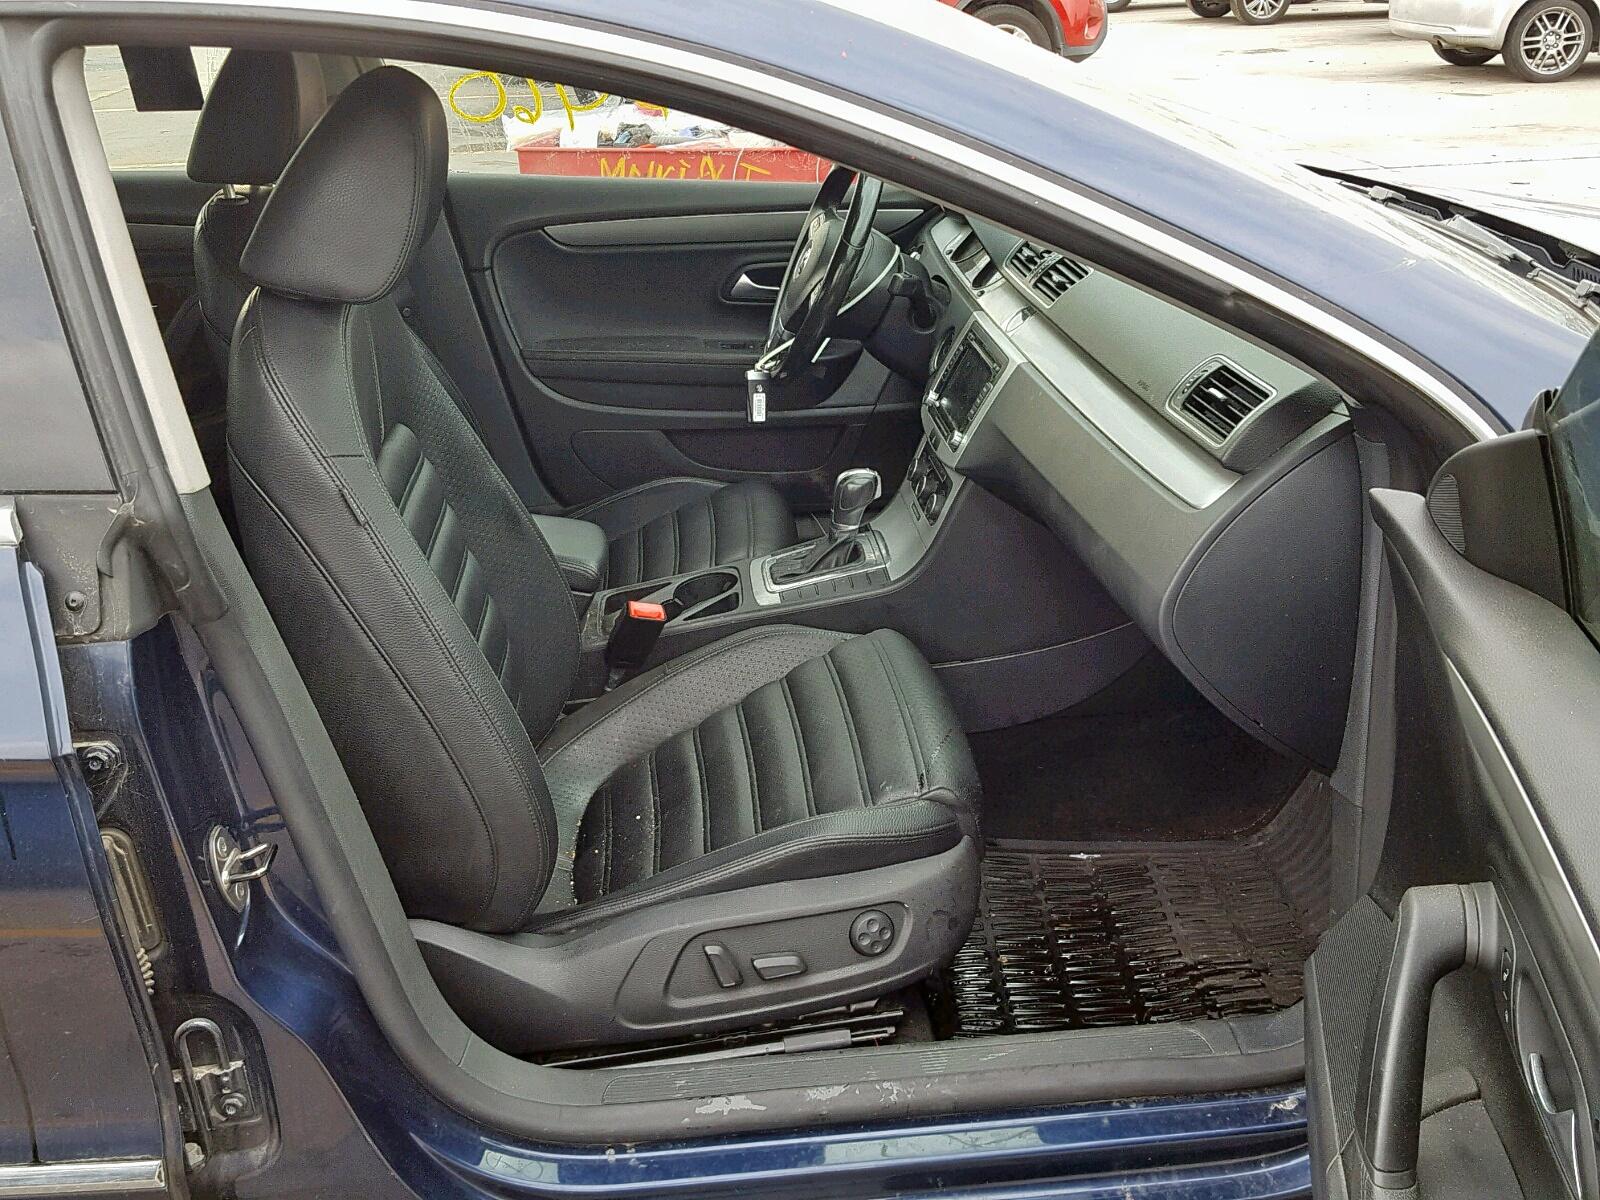 WVWMN7AN3CE521047 - 2012 Volkswagen Cc Sport 2.0L close up View